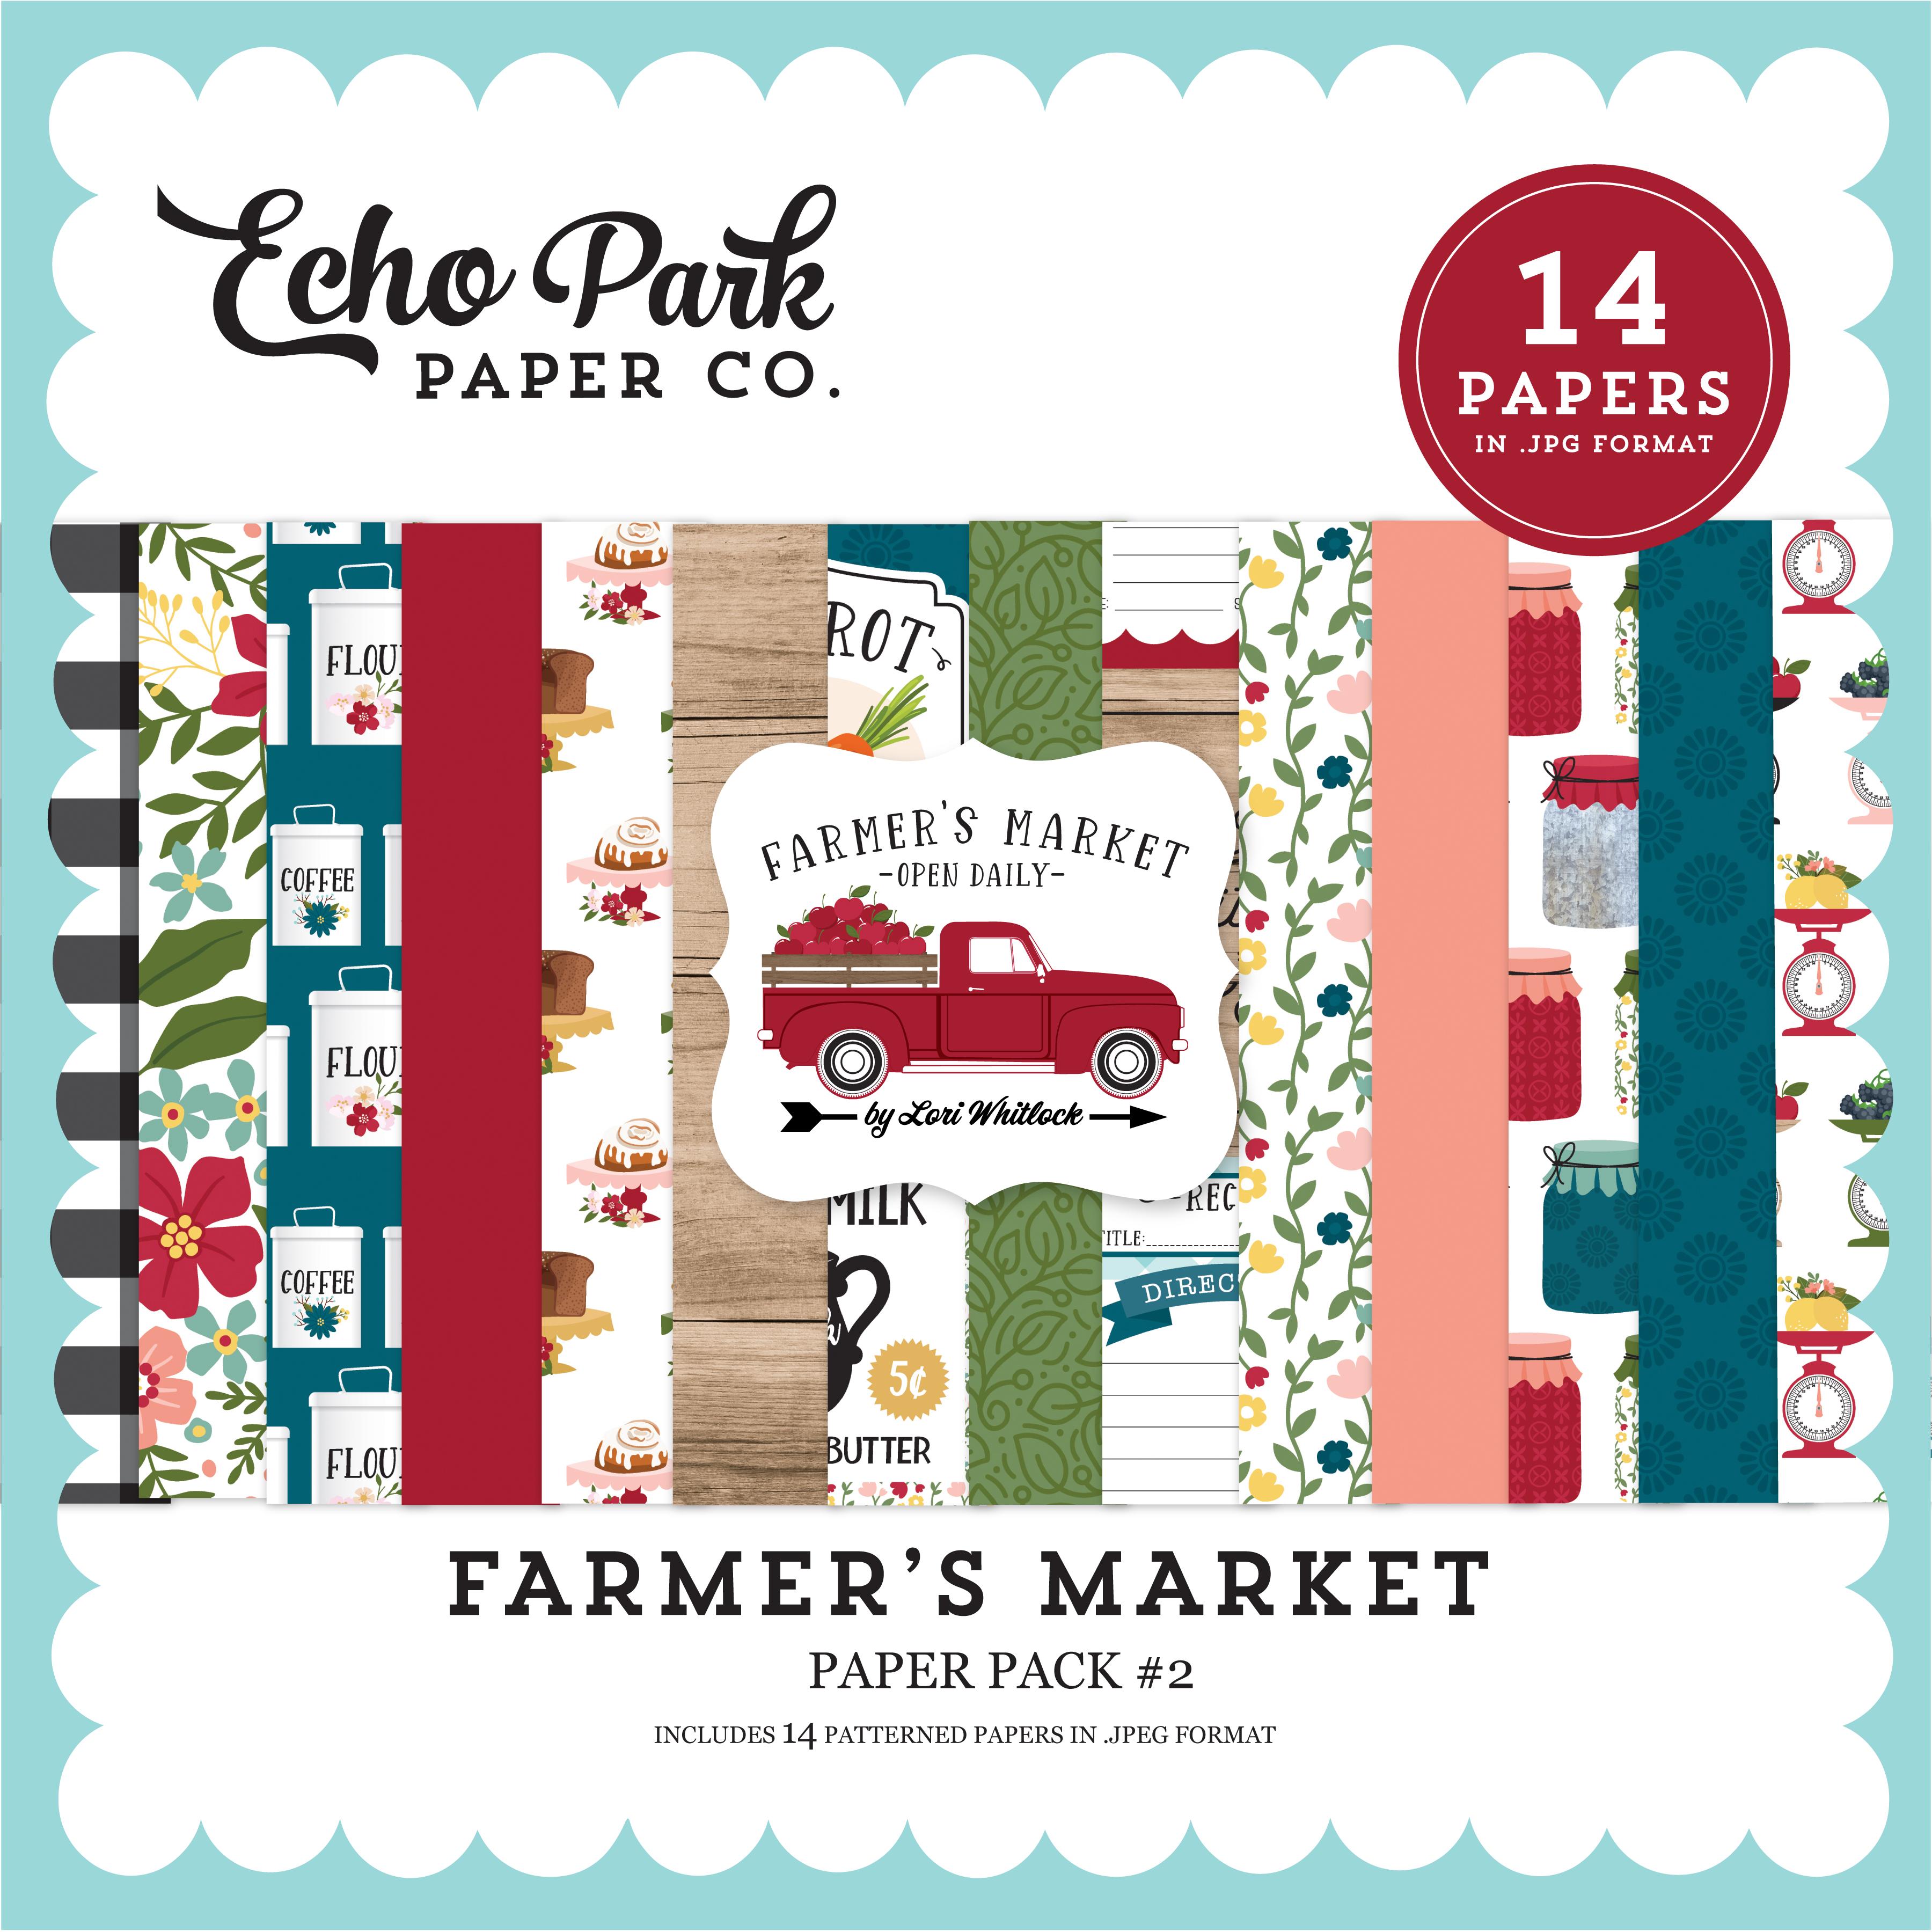 Farmer's Market Paper Pack #2